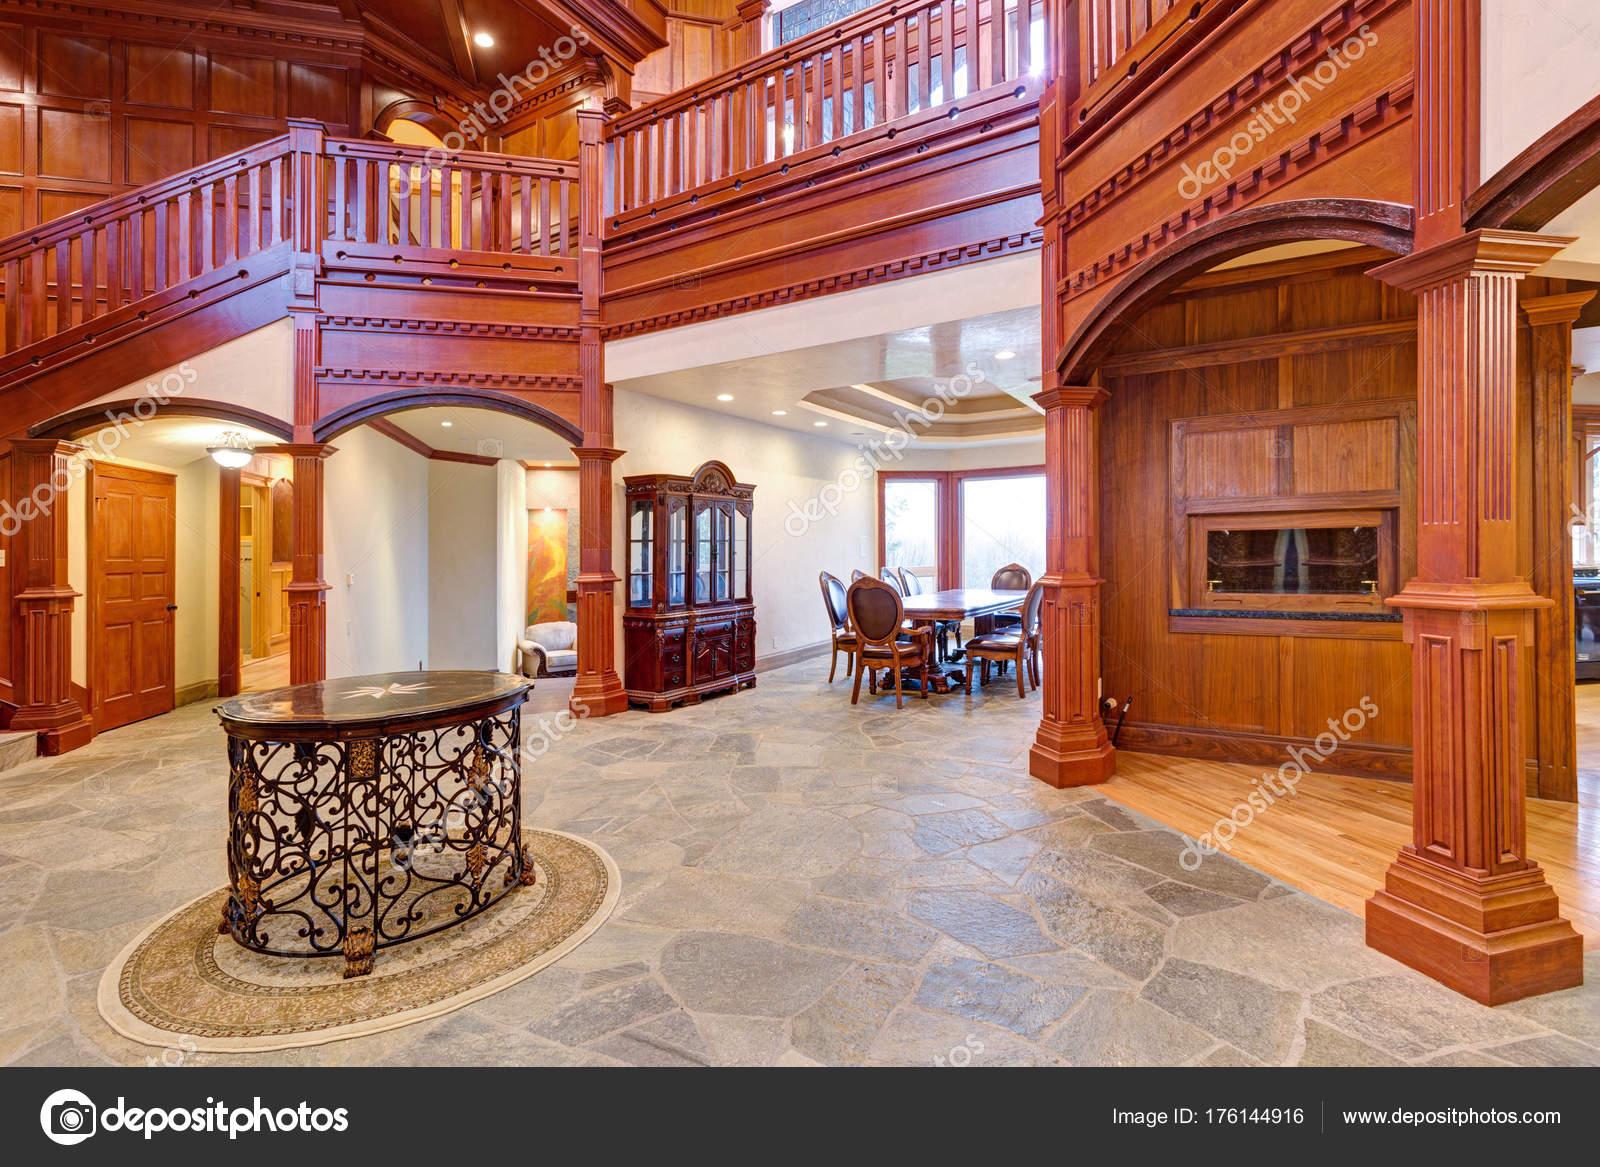 Pareti Rivestite Di Legno : Splendido matrimonio sede con legno pareti rivestite u foto stock